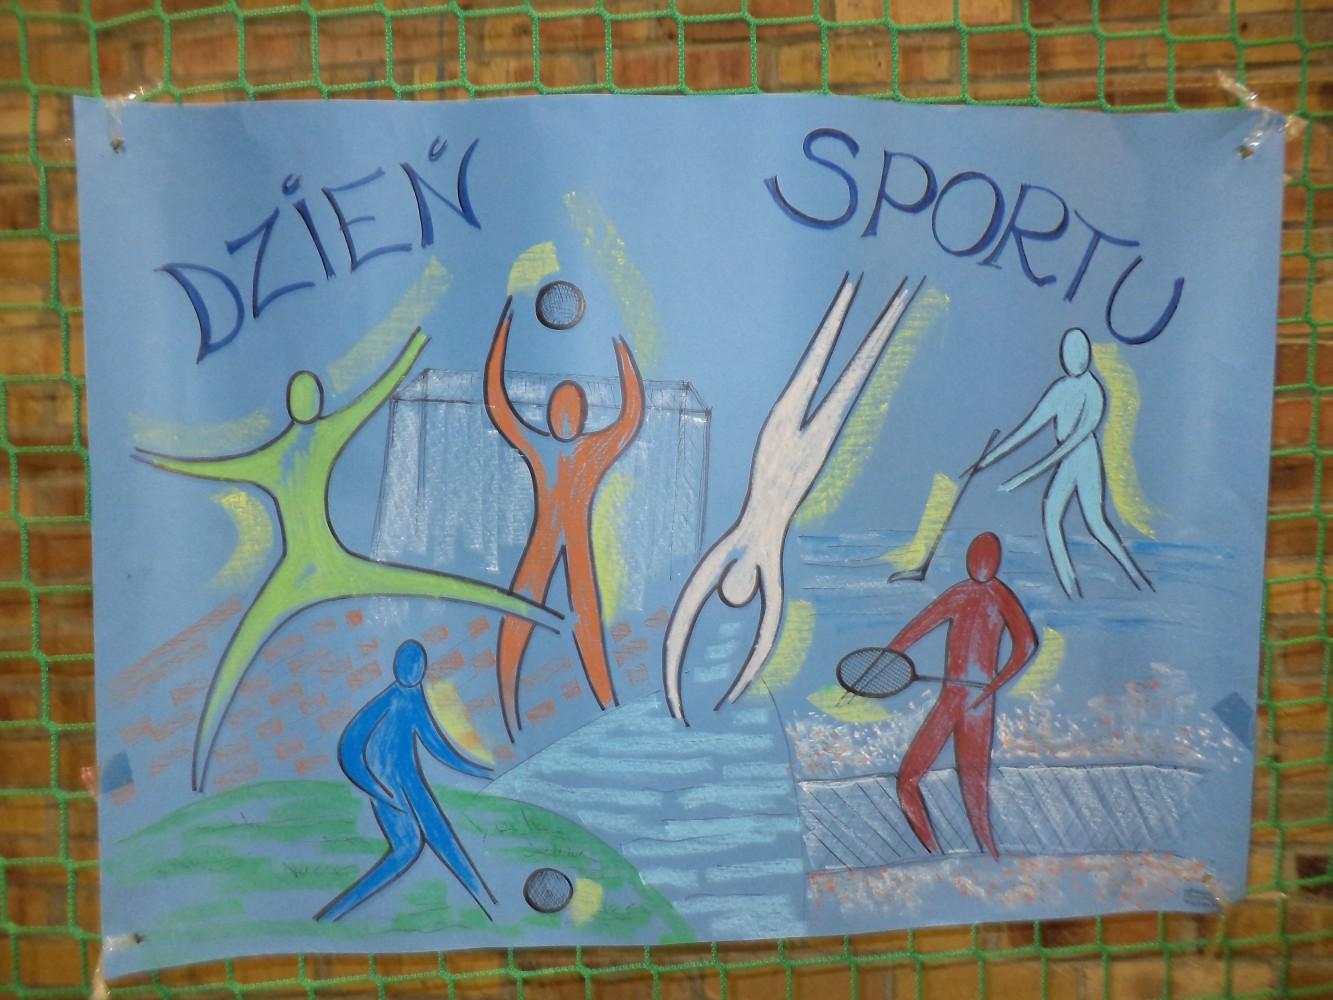 dzien-sportu-30